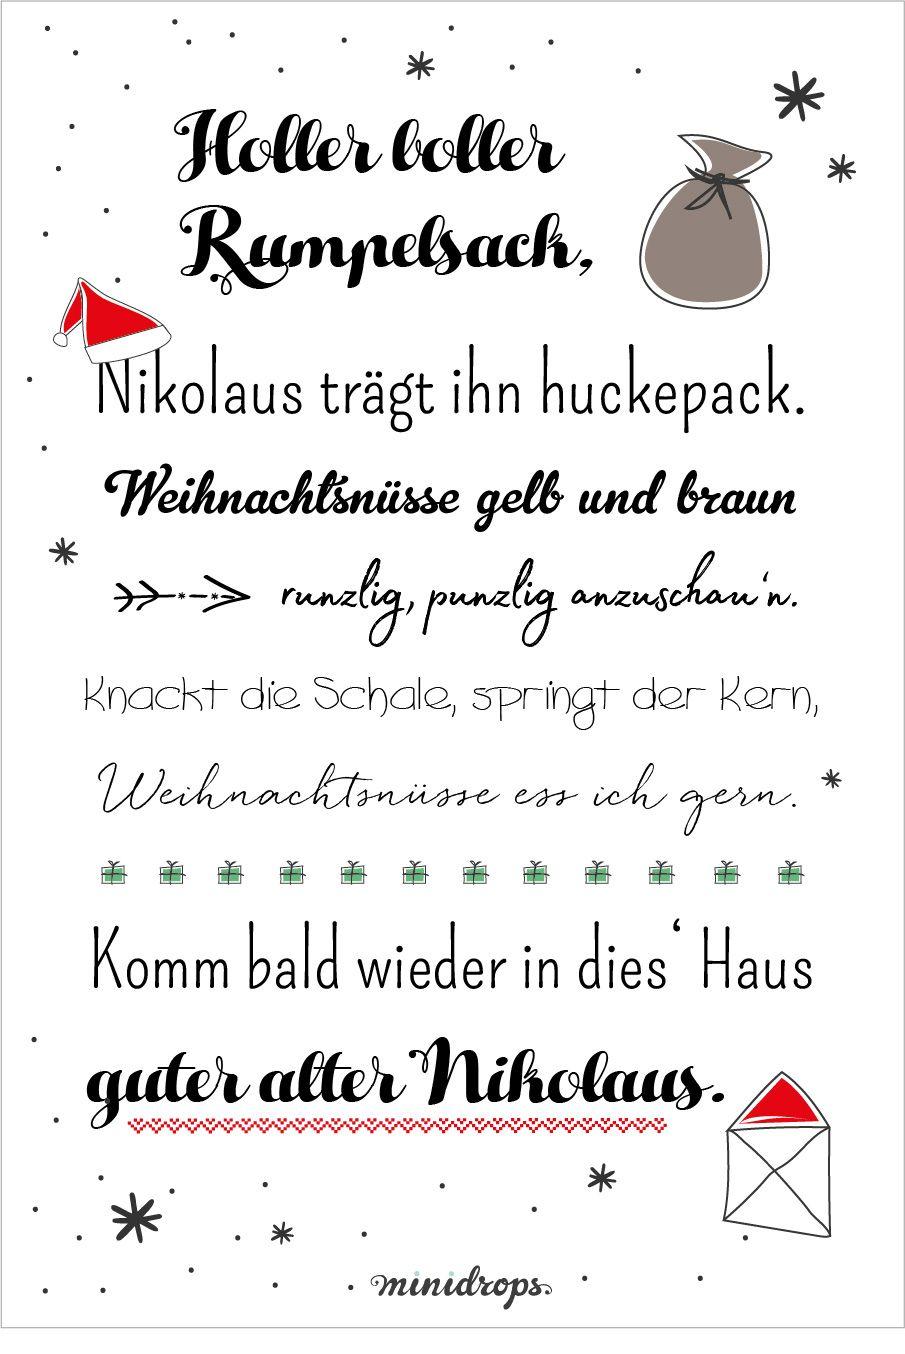 Happy Nikolaus! #nikolausgeschenk